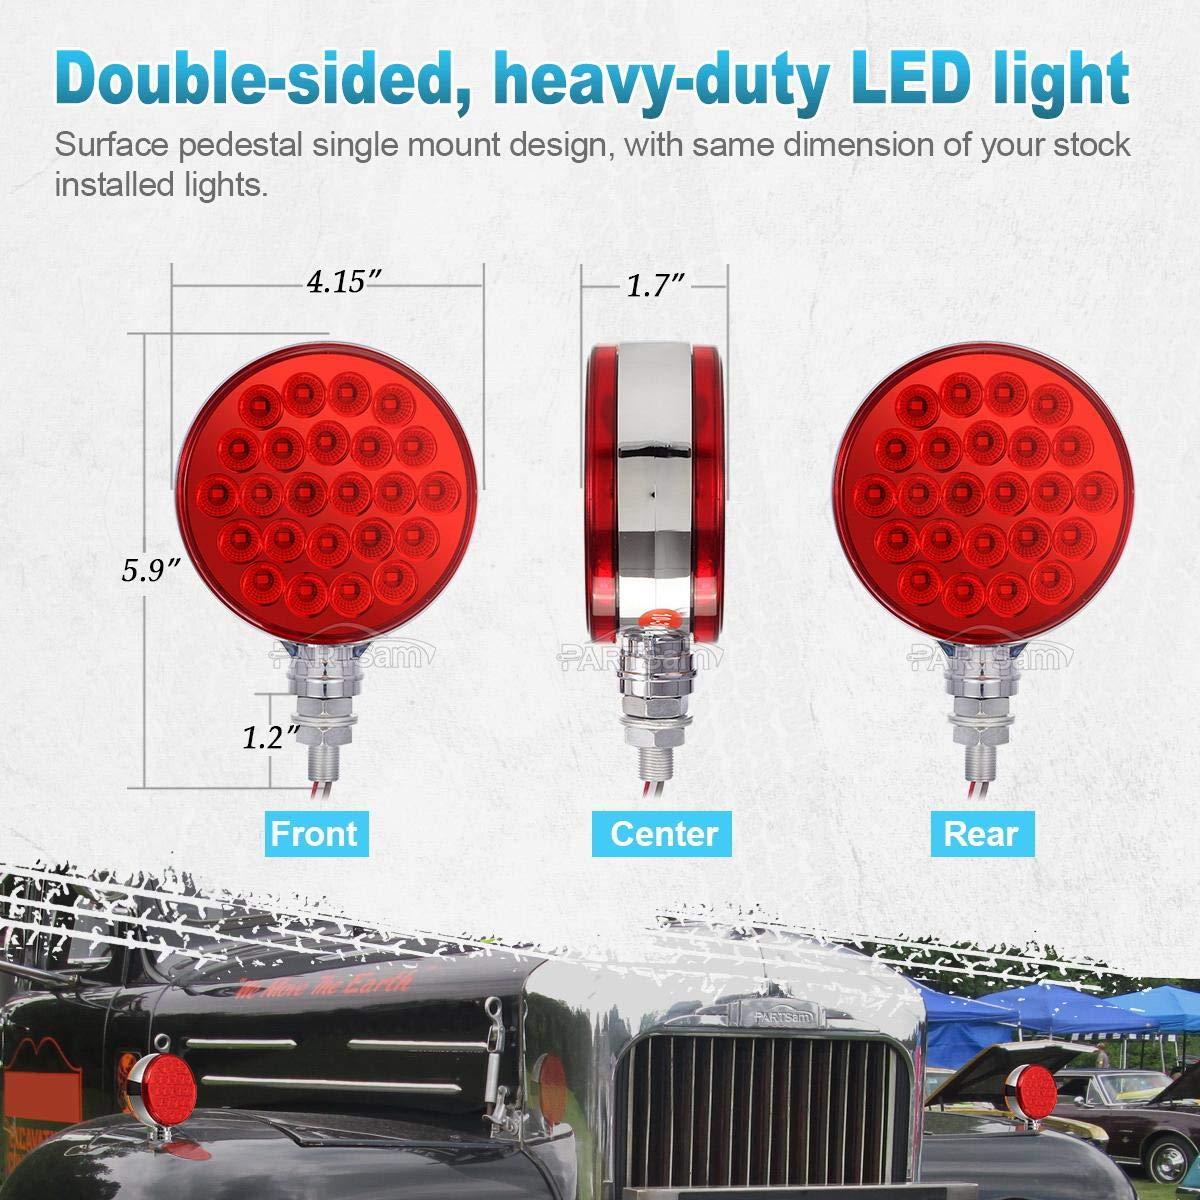 4 Round Single Stud Mount Dual Face Red//Amber Led Trailer Truck Lights for Peterbilt//Kenworth//Freightliner Trucks Pack of 4 Partsam Pedestal Fender Light 48 LED